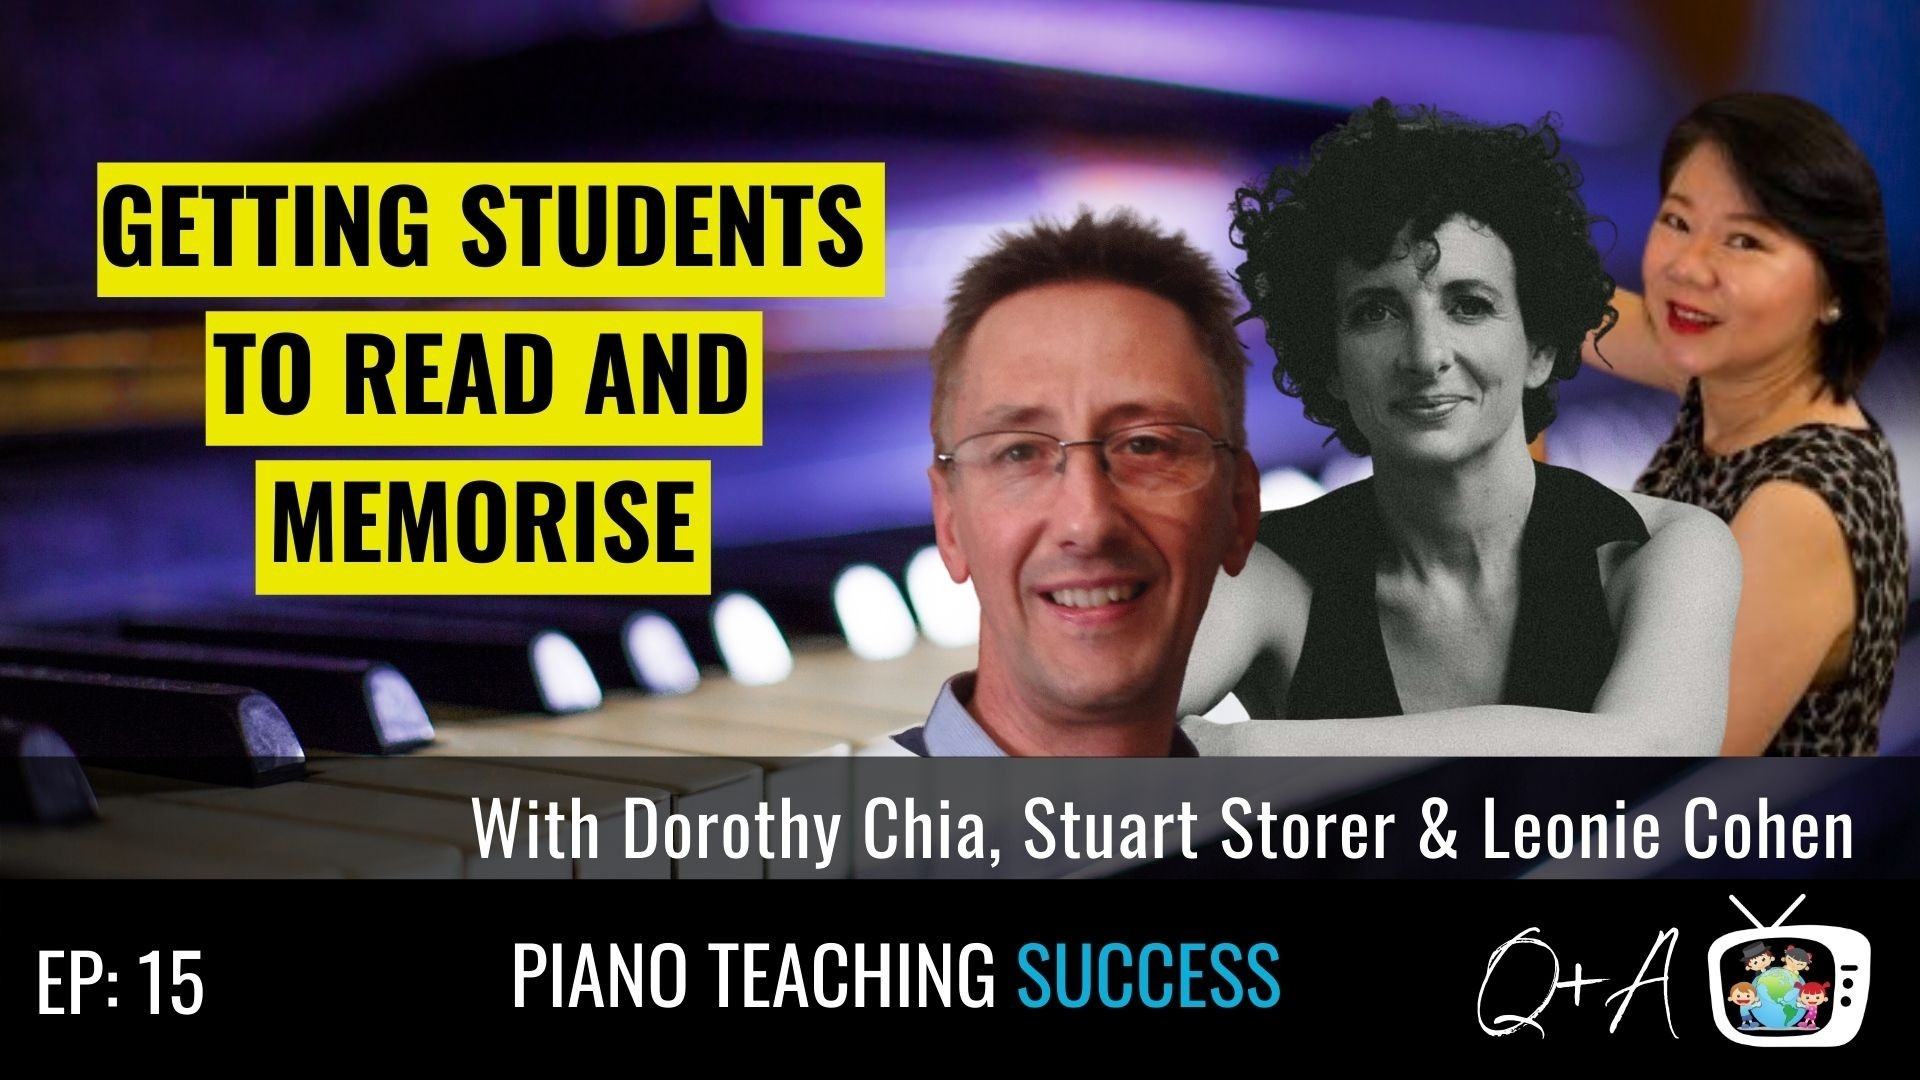 Dorothy Chea, Stuart Storer, Leonie Cohen